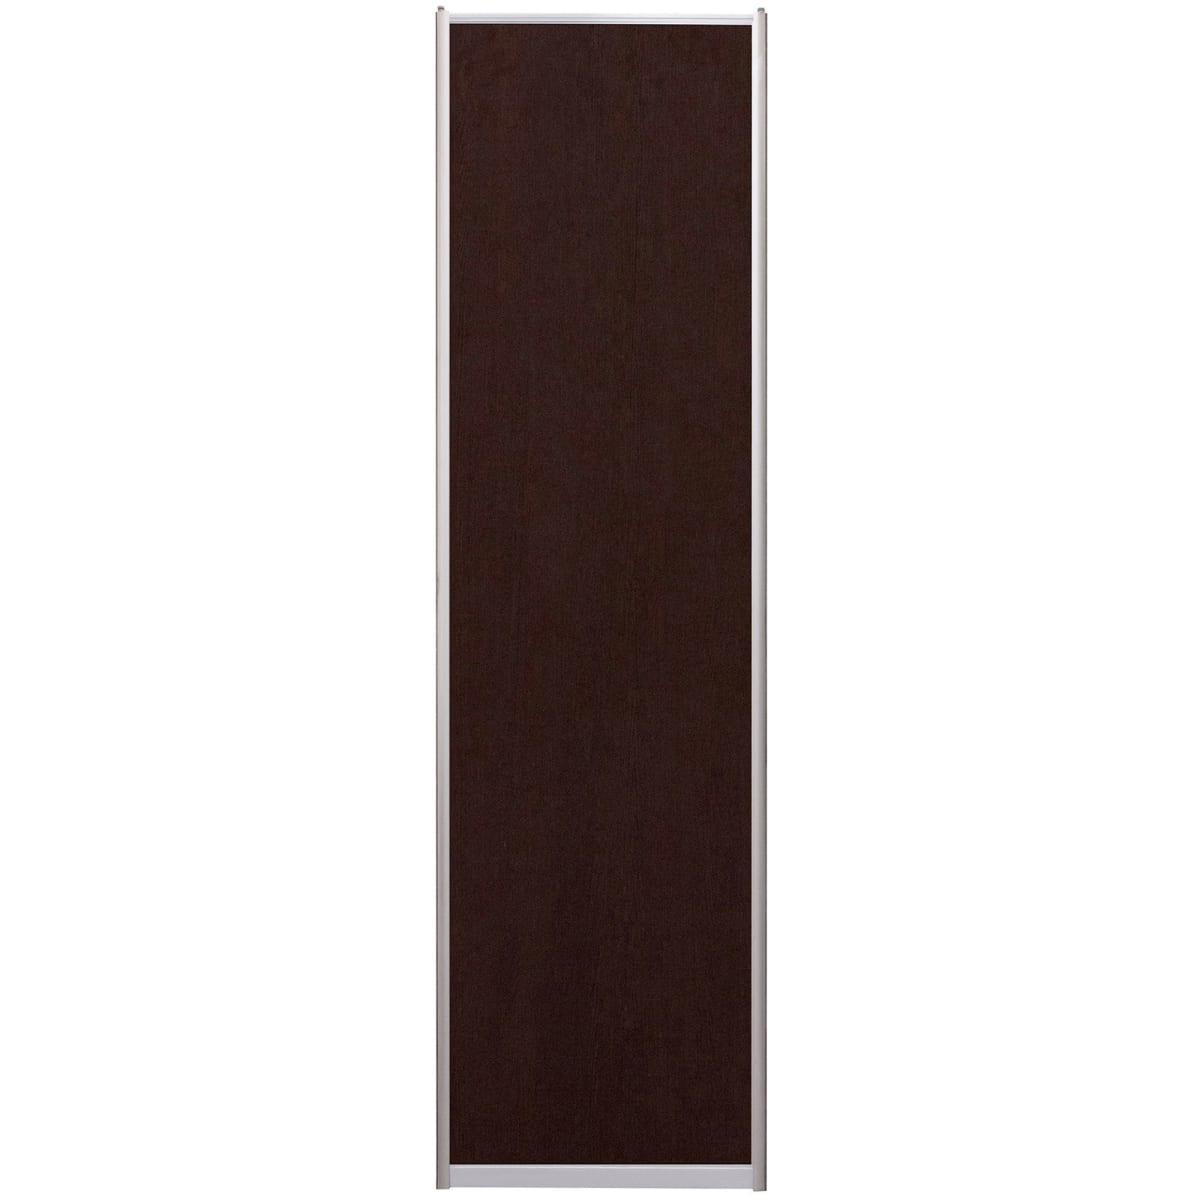 Дверь-купе Spaceo 2255x604 мм, цвет венге